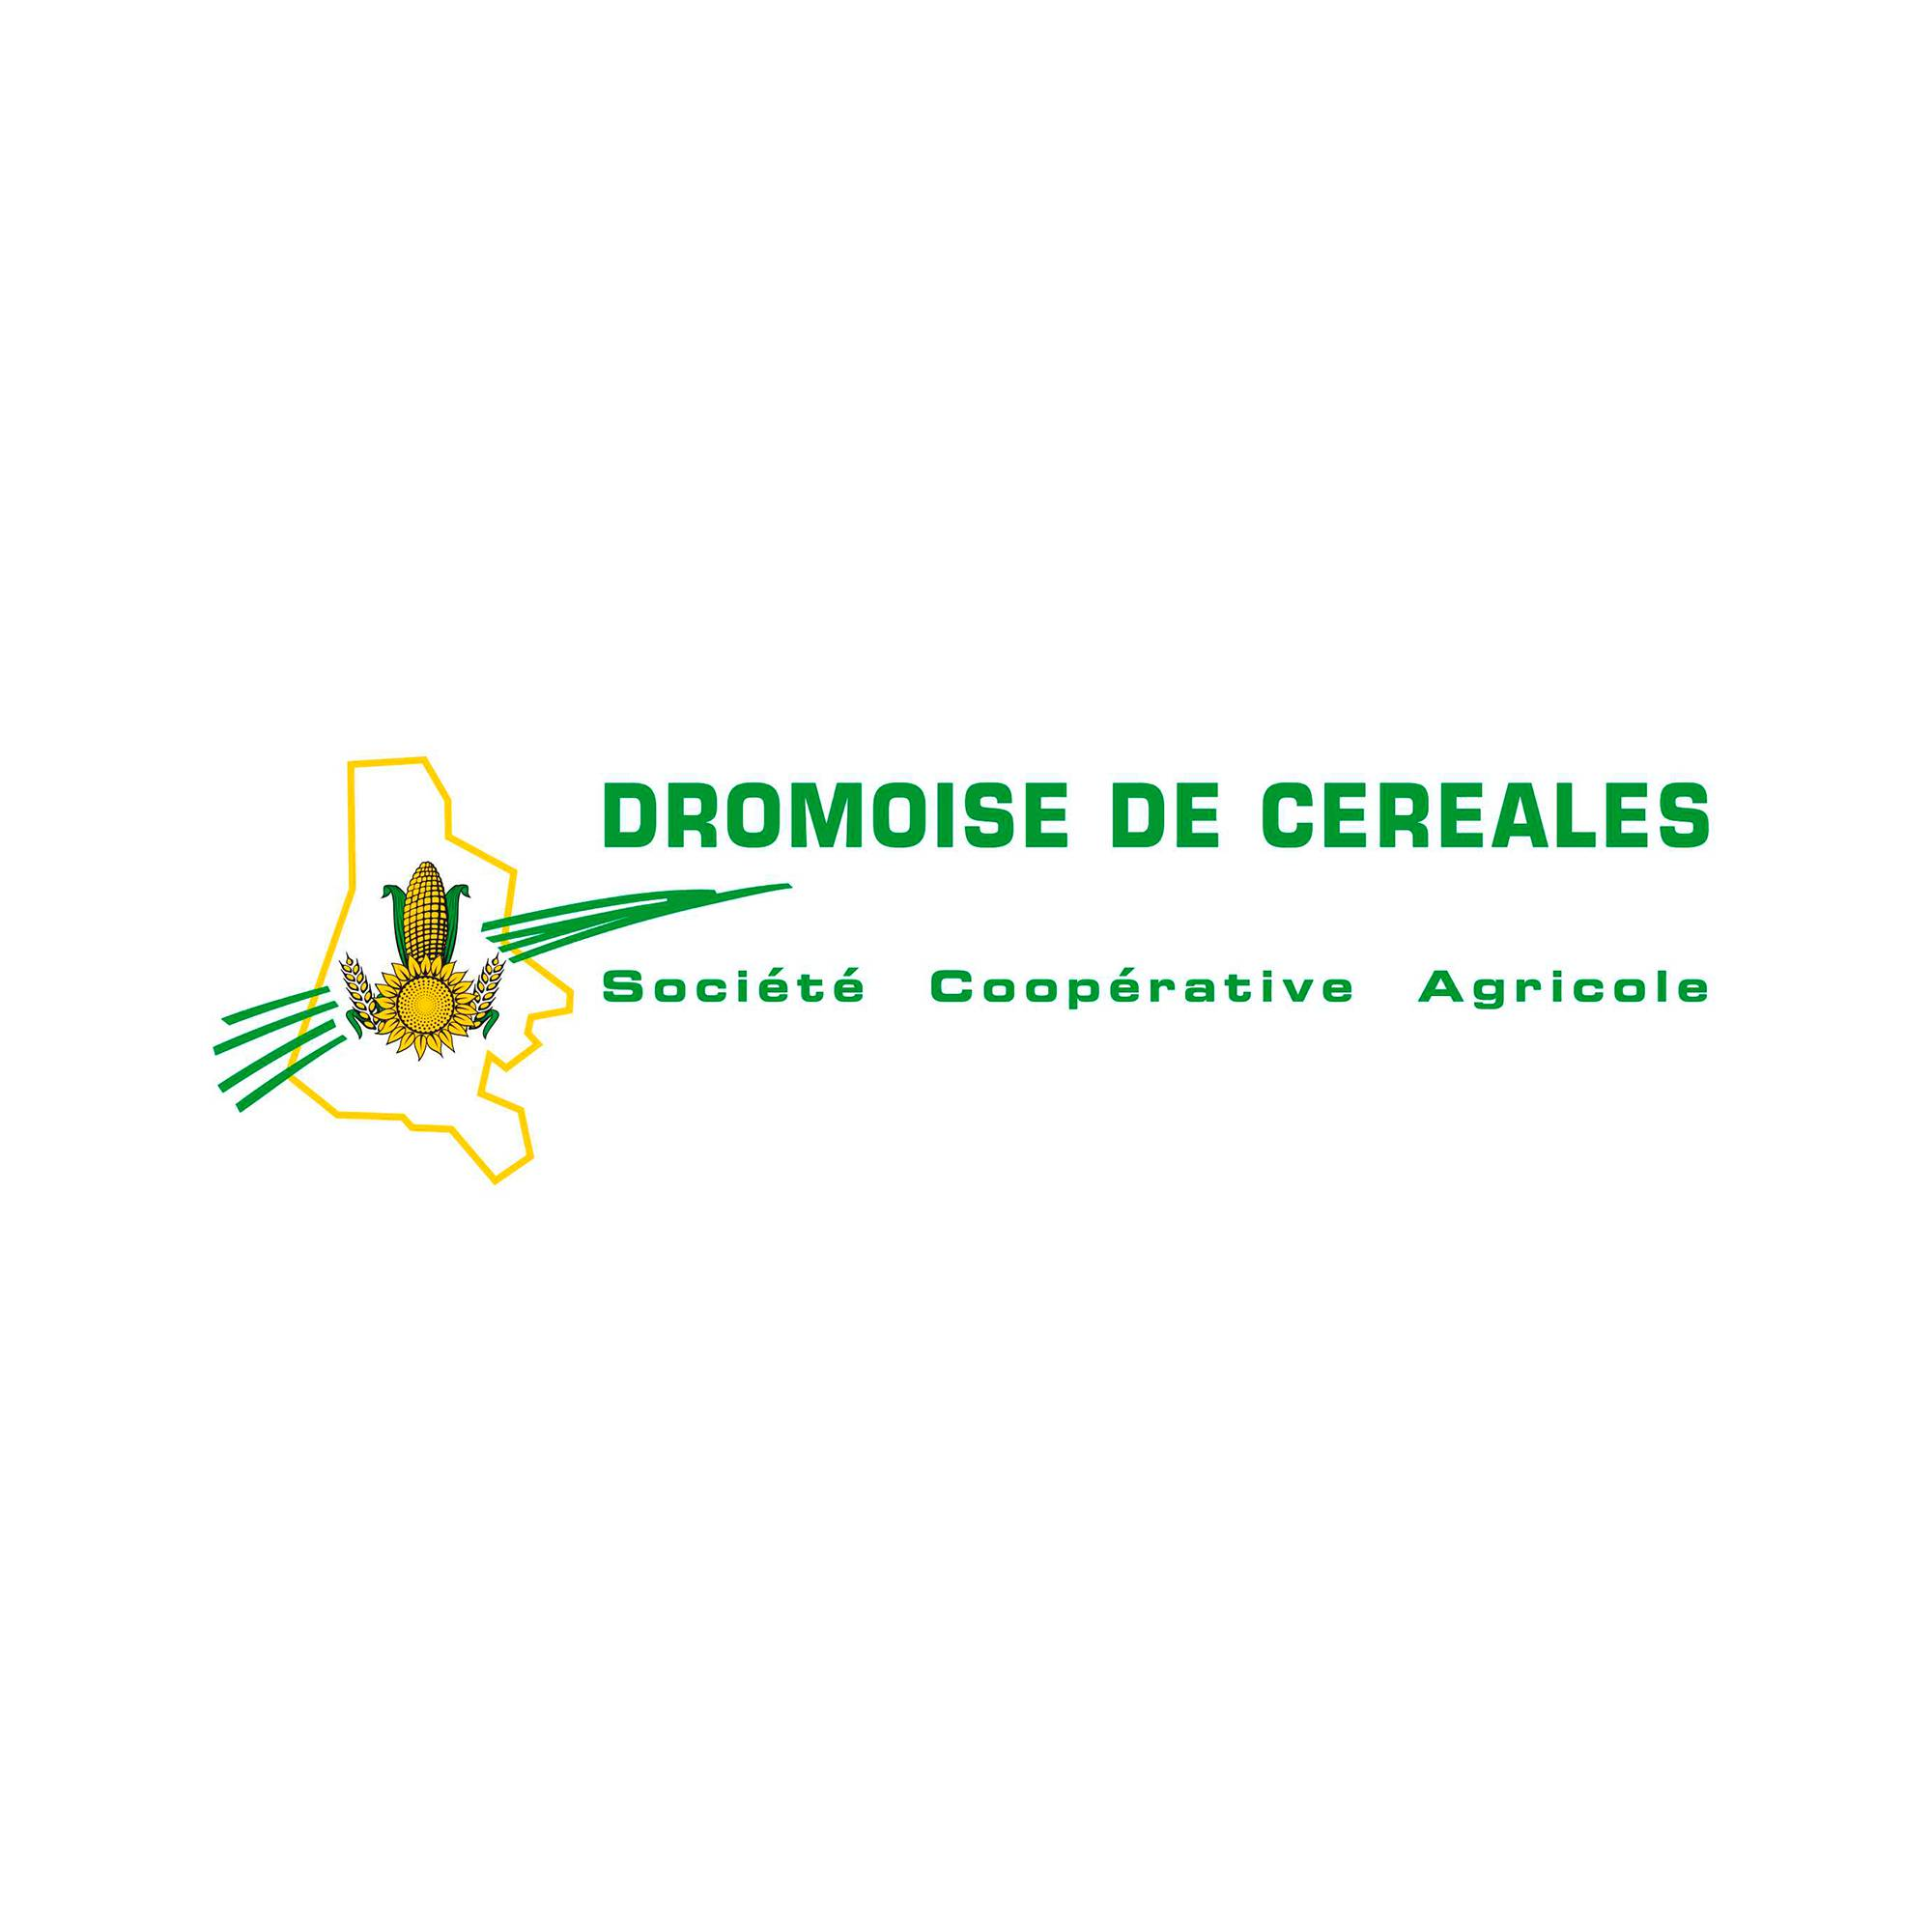 Logo Dromoise de céréales